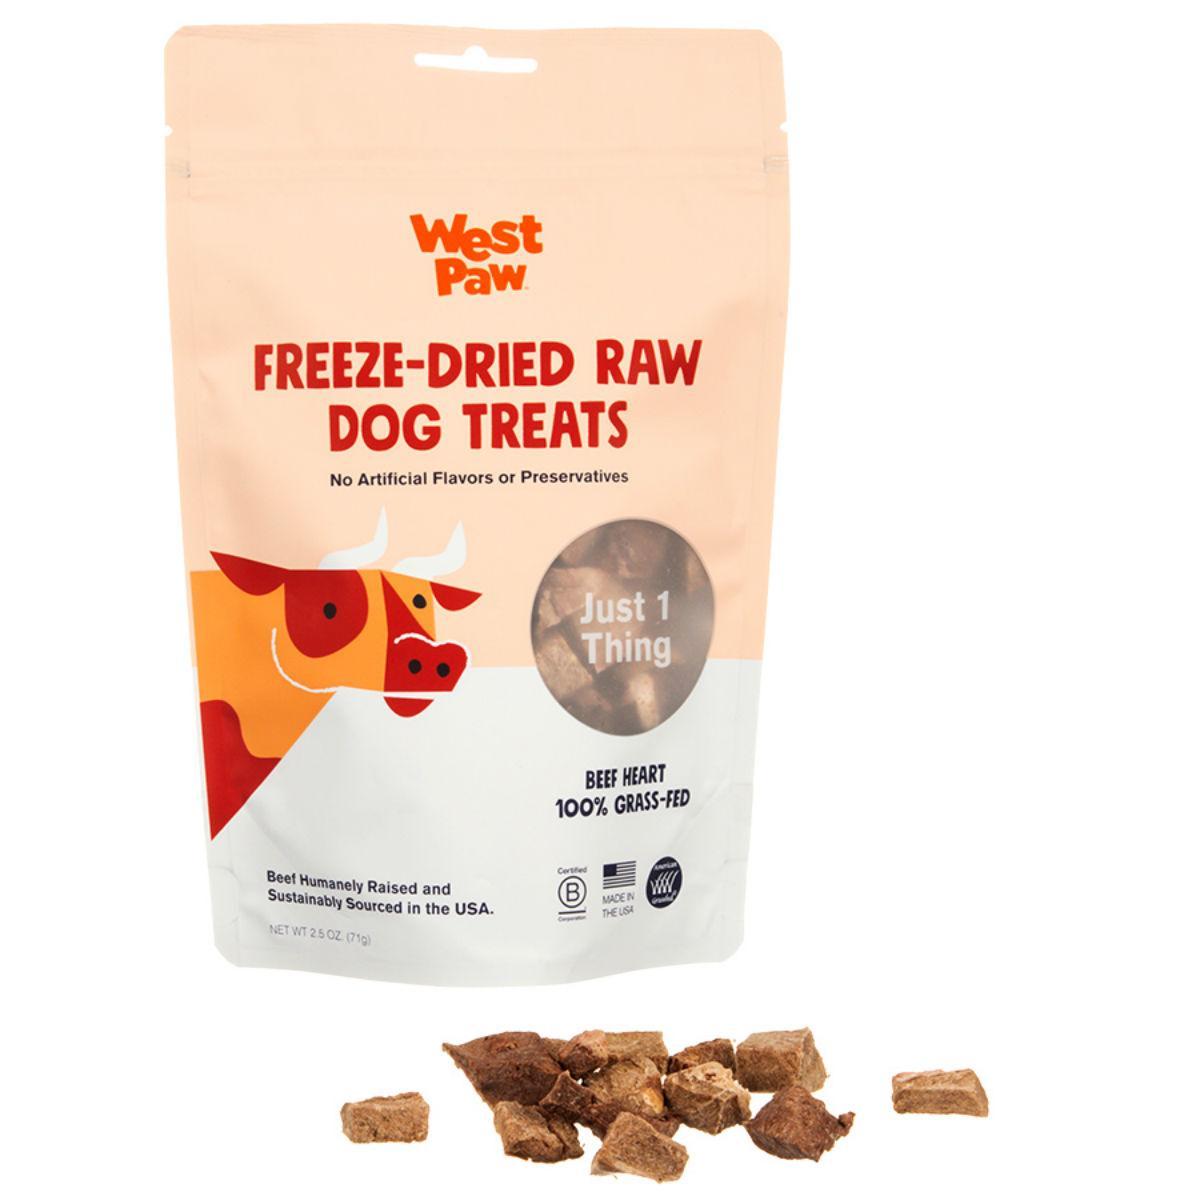 West Paw Freeze Dried Raw Dog Treat - Beef Heart